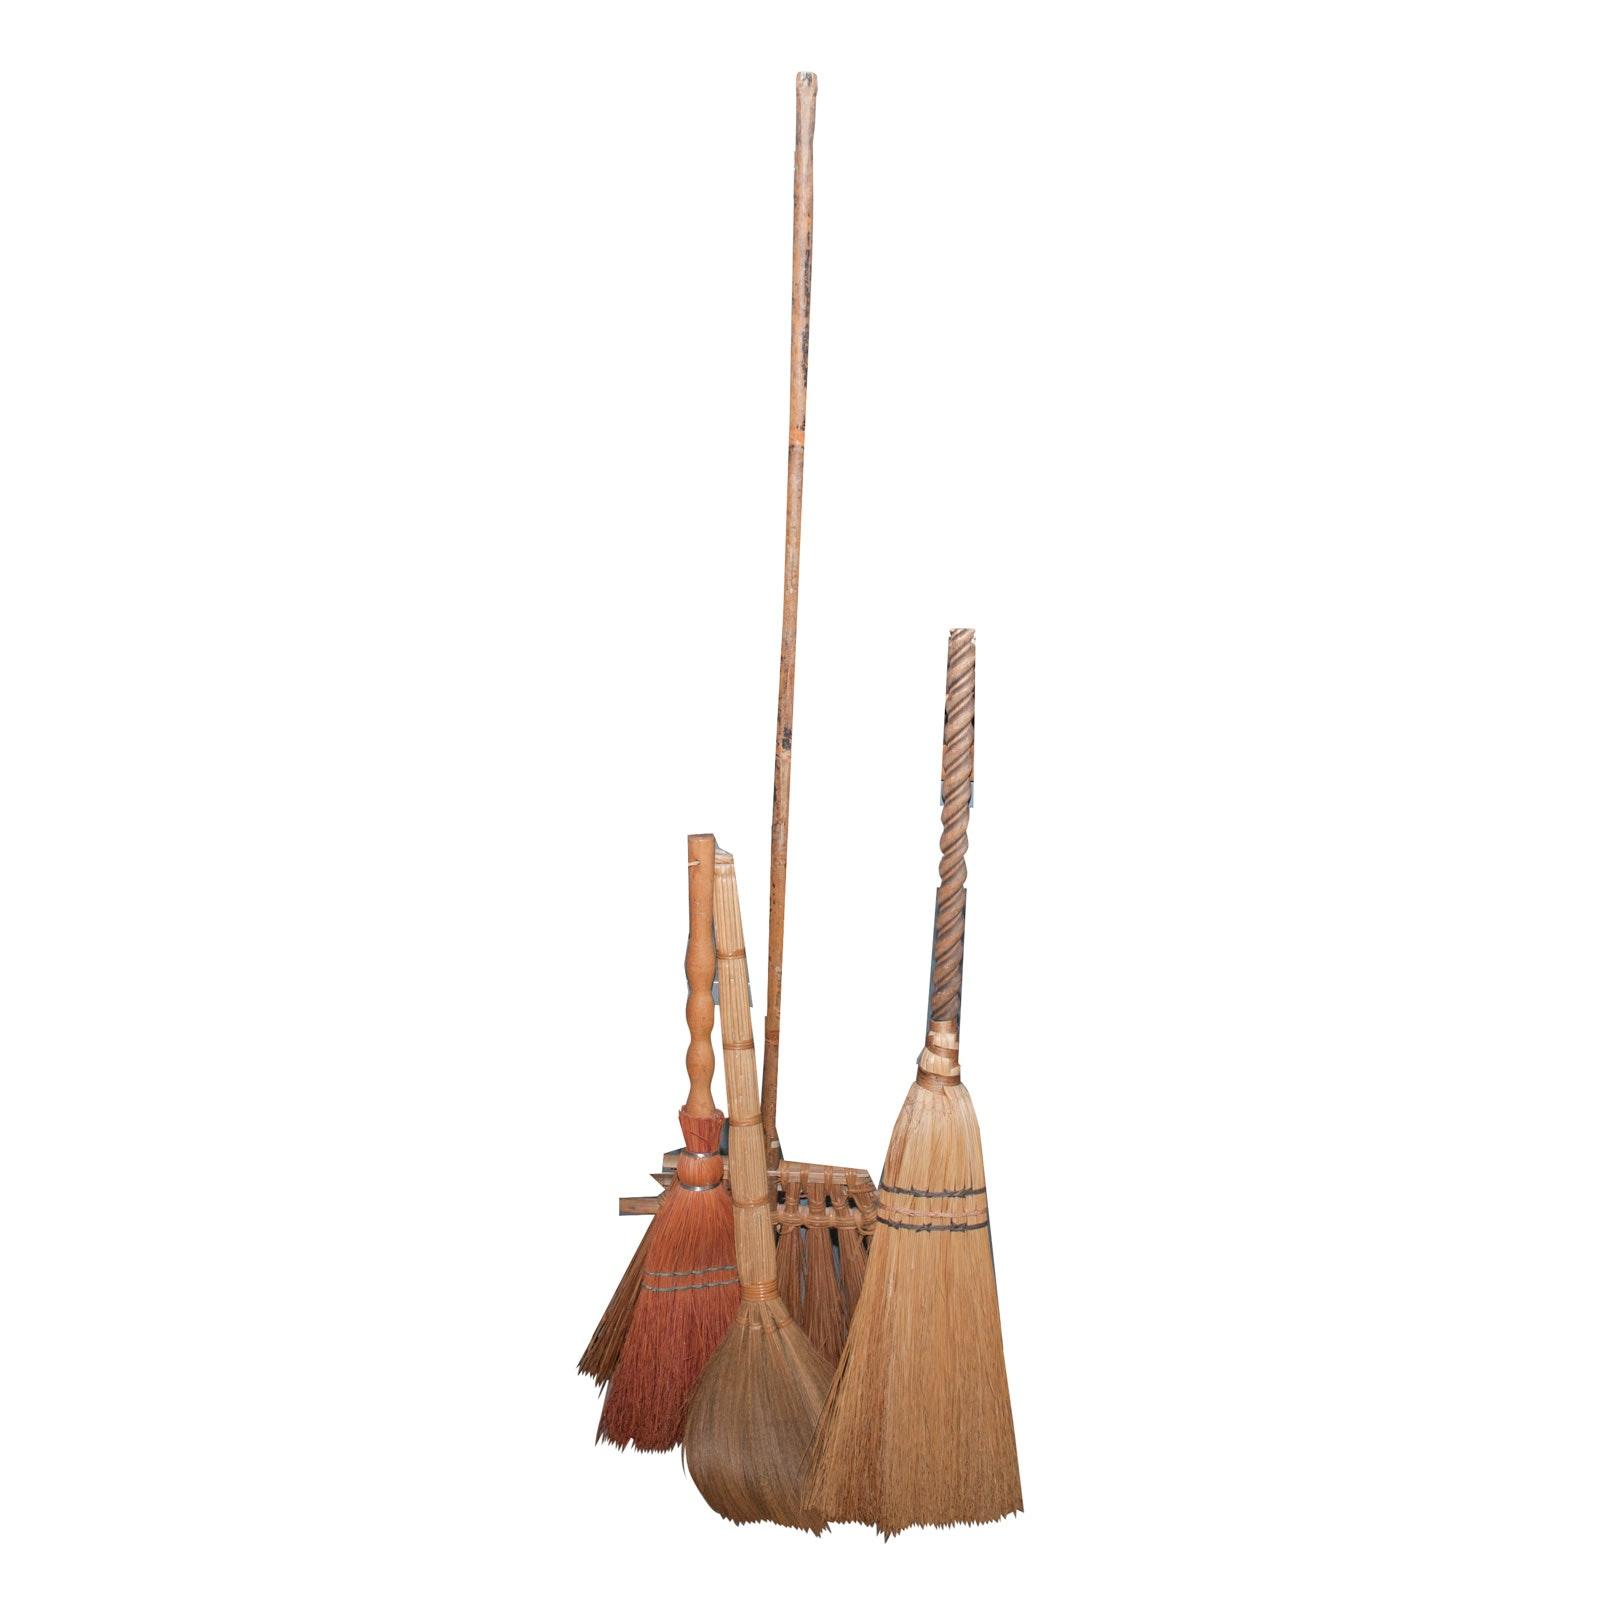 Handmade Hearth Brooms